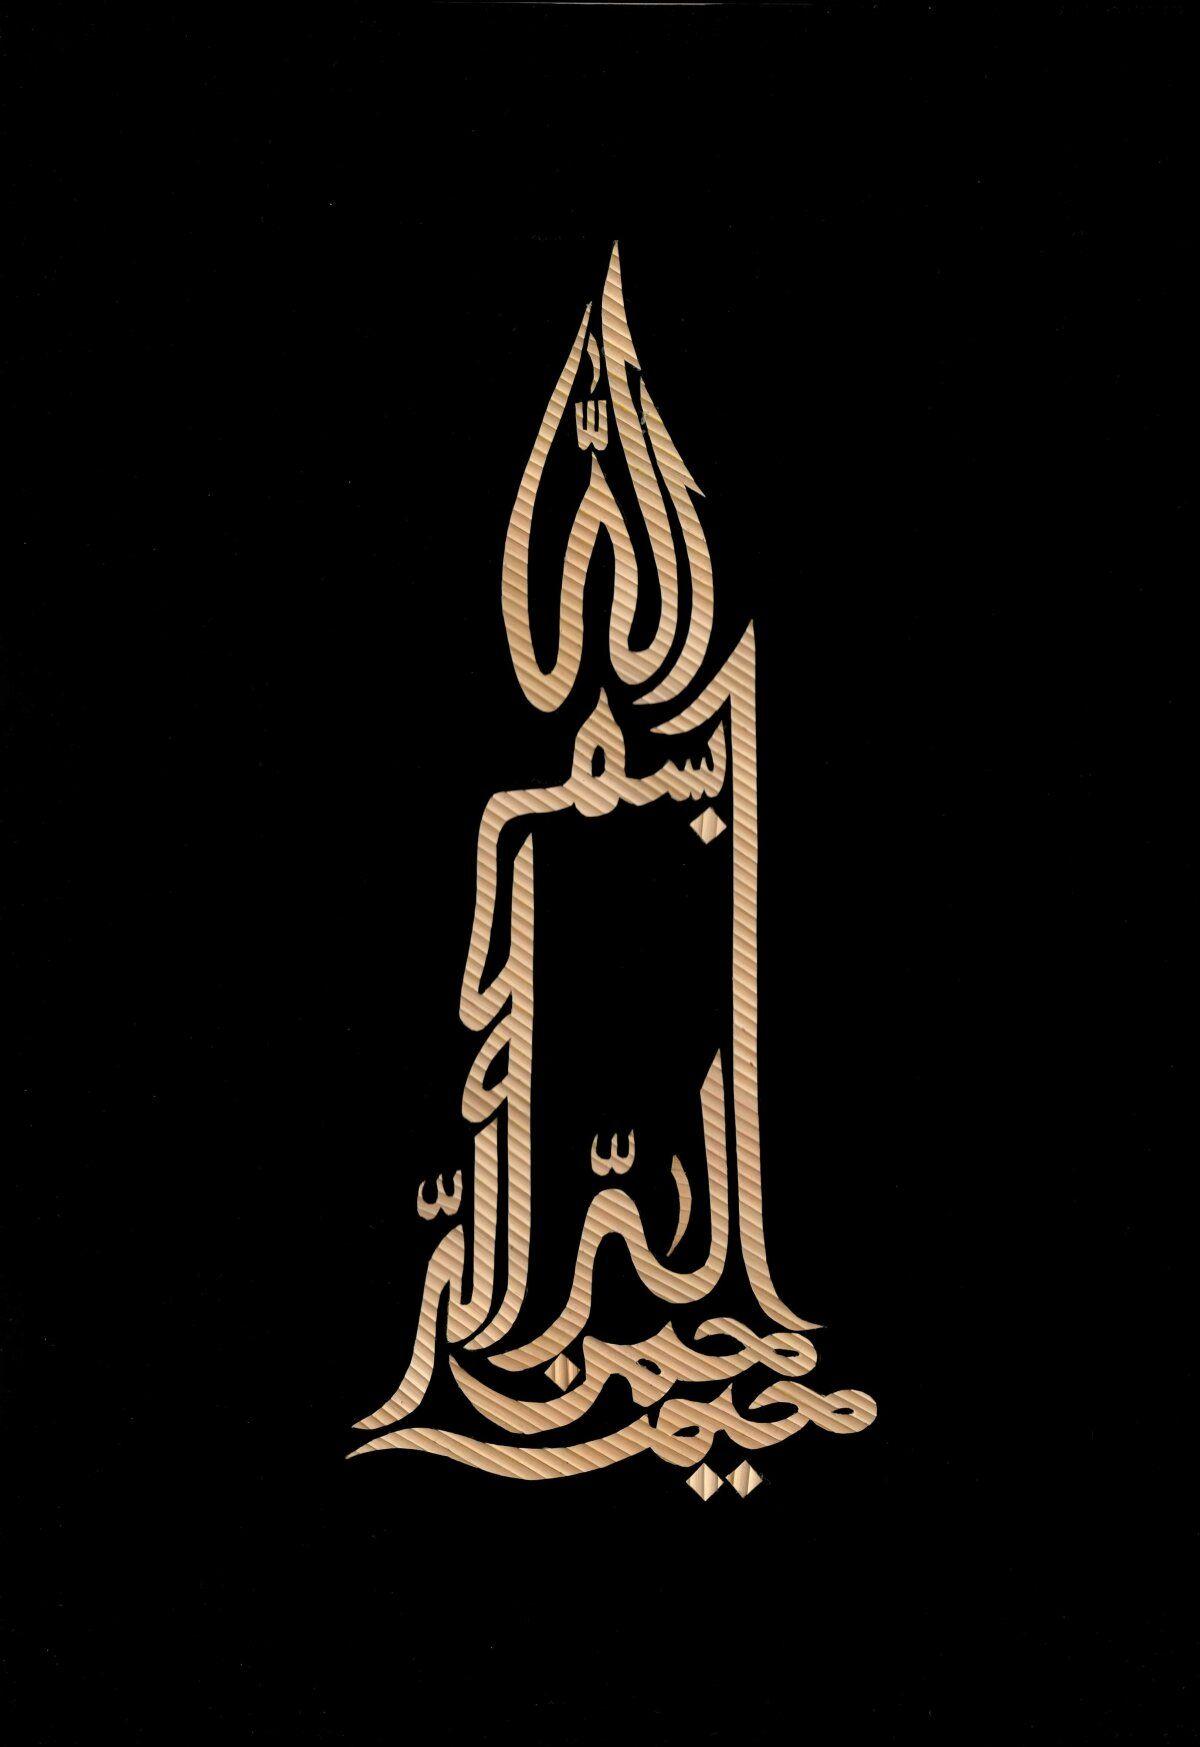 خلفيات تصاميم معمارية إسلامية إسلام فن عمارة 13 Arabic Calligraphy Art Islamic Caligraphy Art Islamic Art Calligraphy